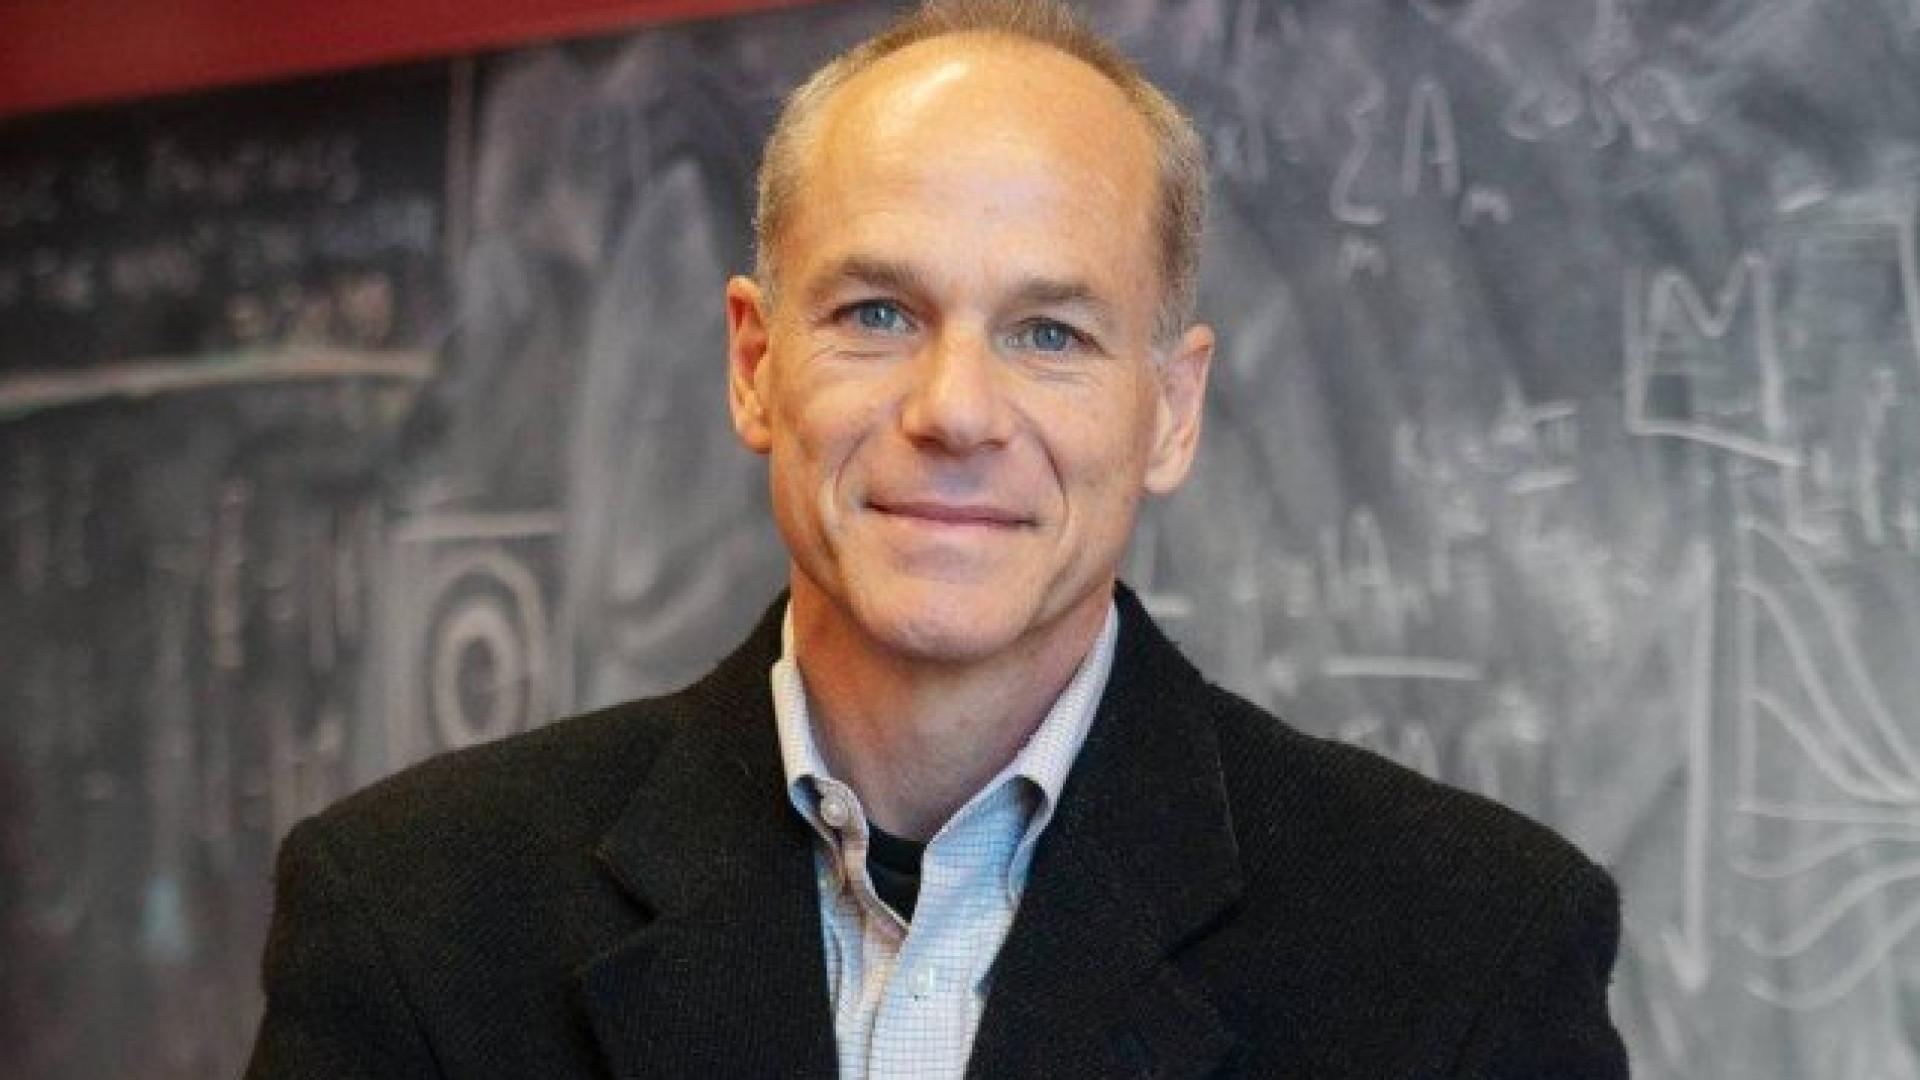 Cientista brasileiro recebe prêmio 'Nobel da espiritualidade'